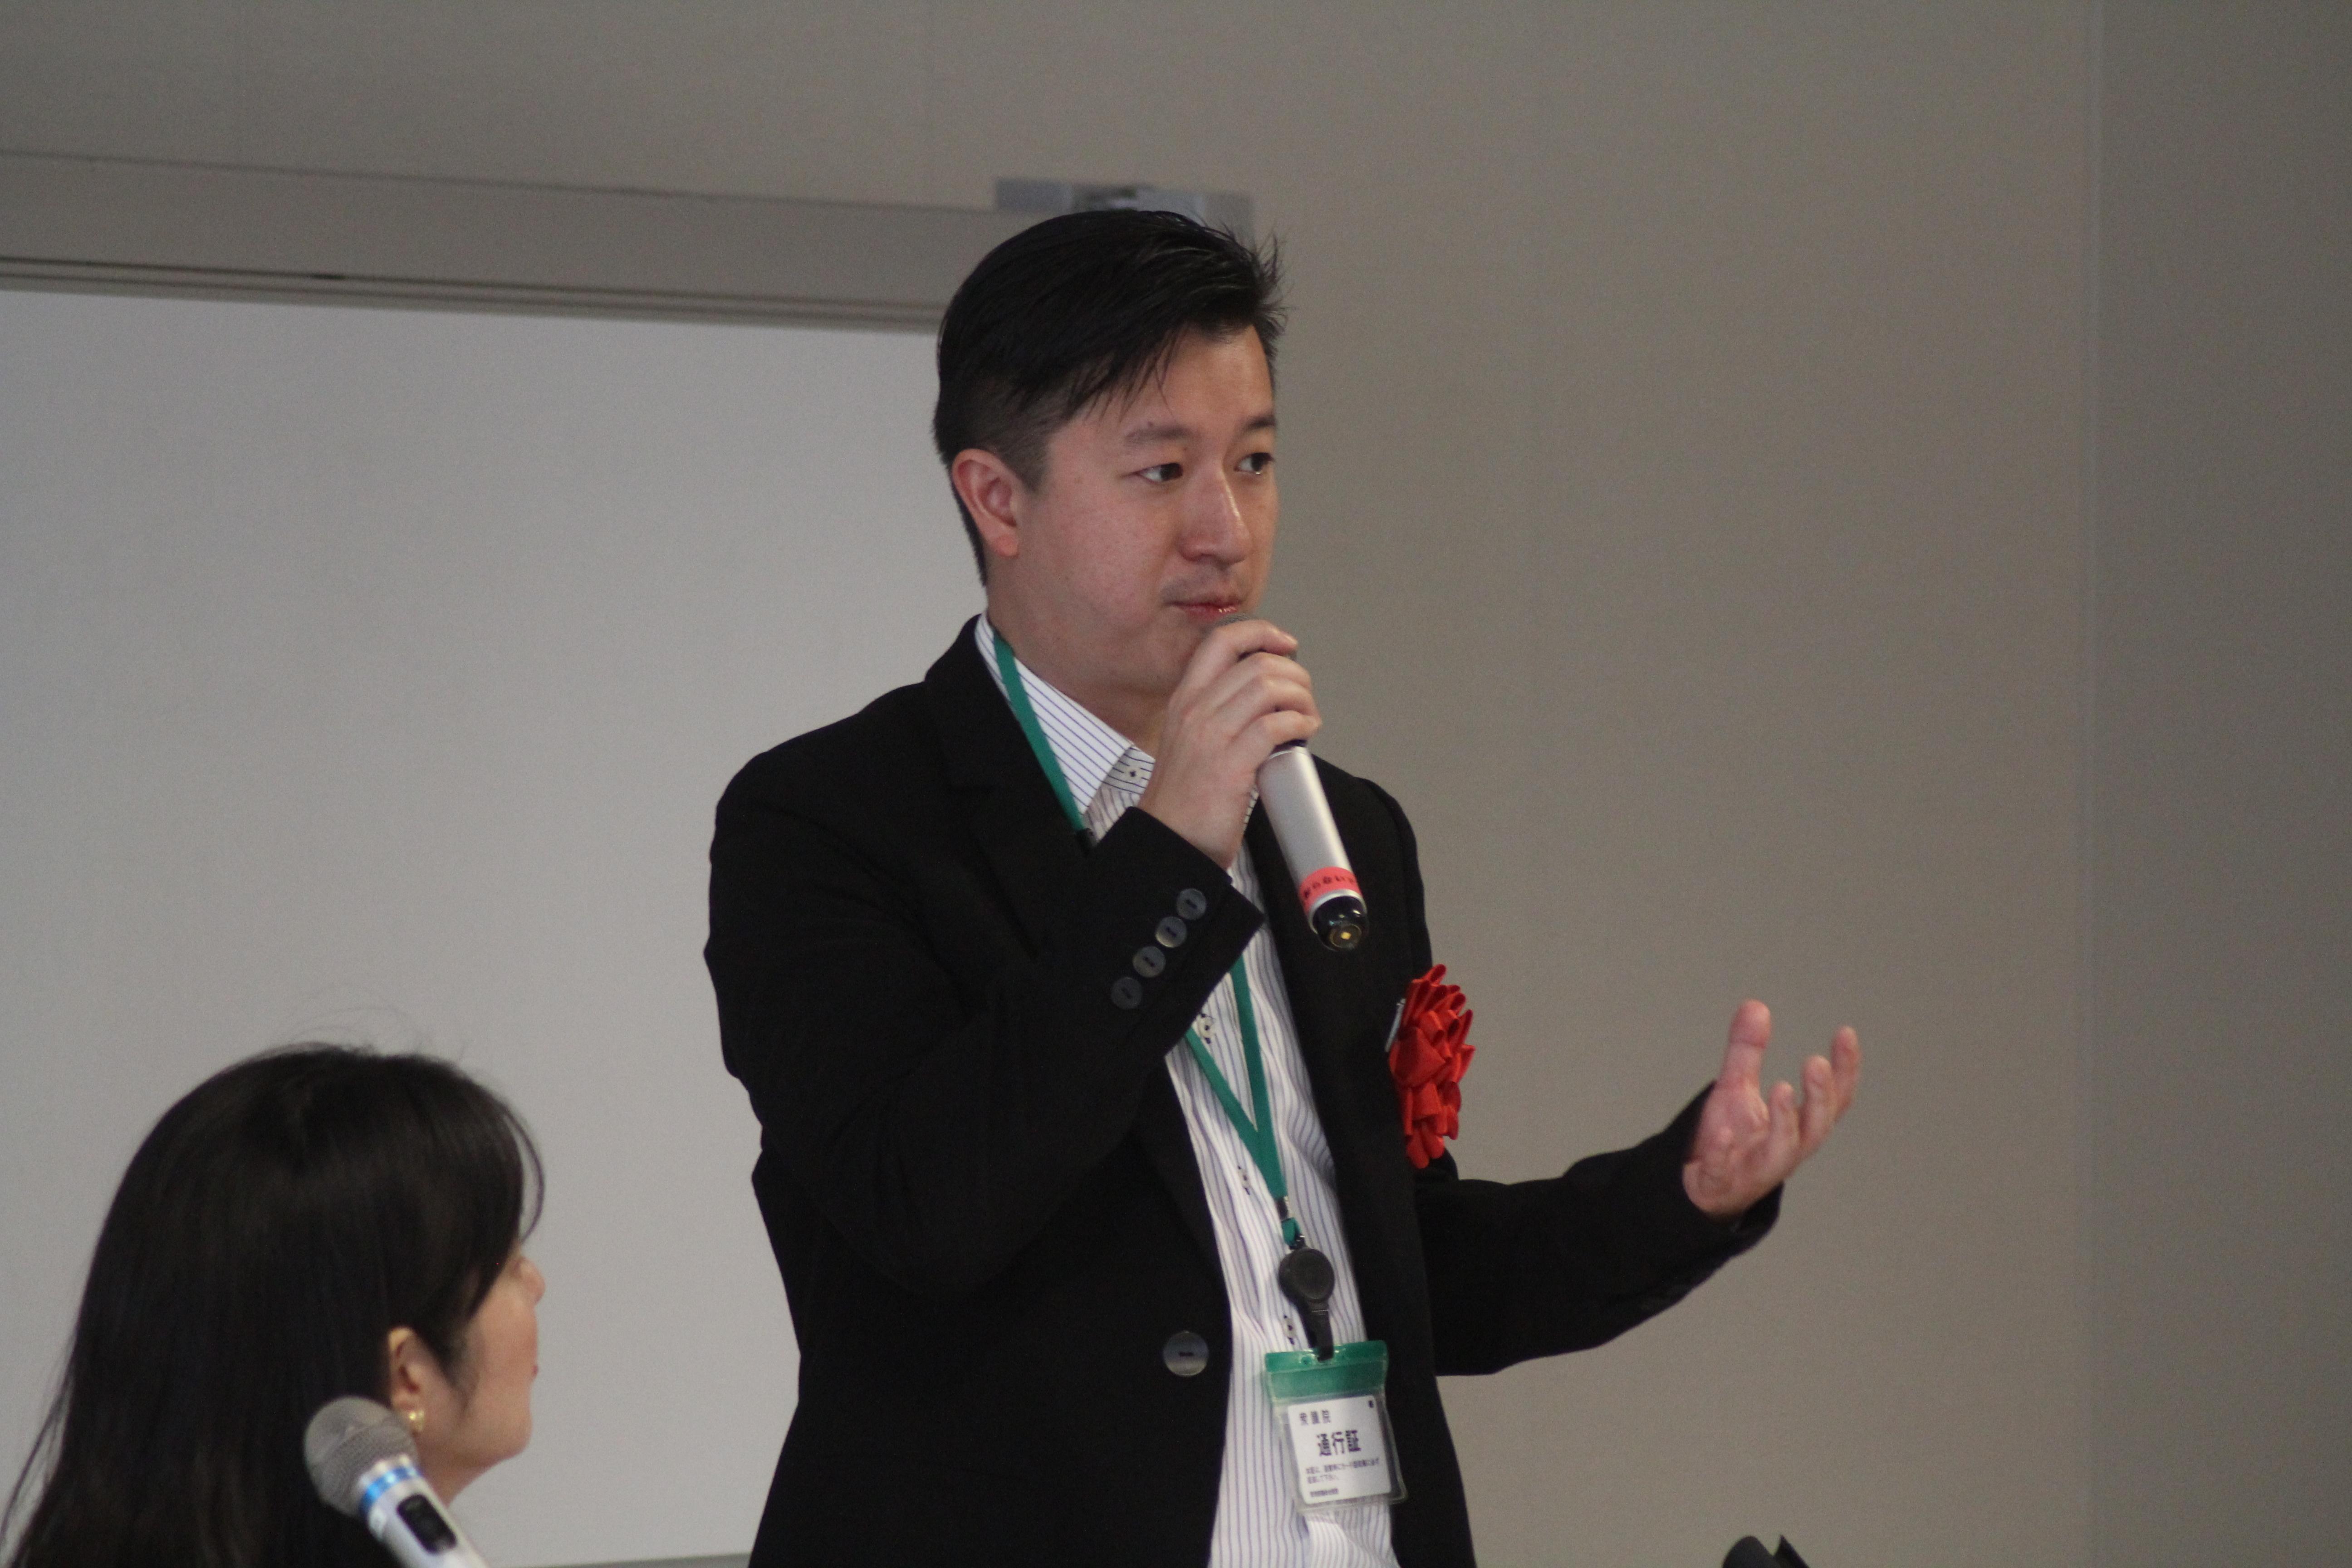 【大阪】3時間でわかる!初級者のための「投資」入門セミナー / 投資セミナー | セミナー情報ドットコム